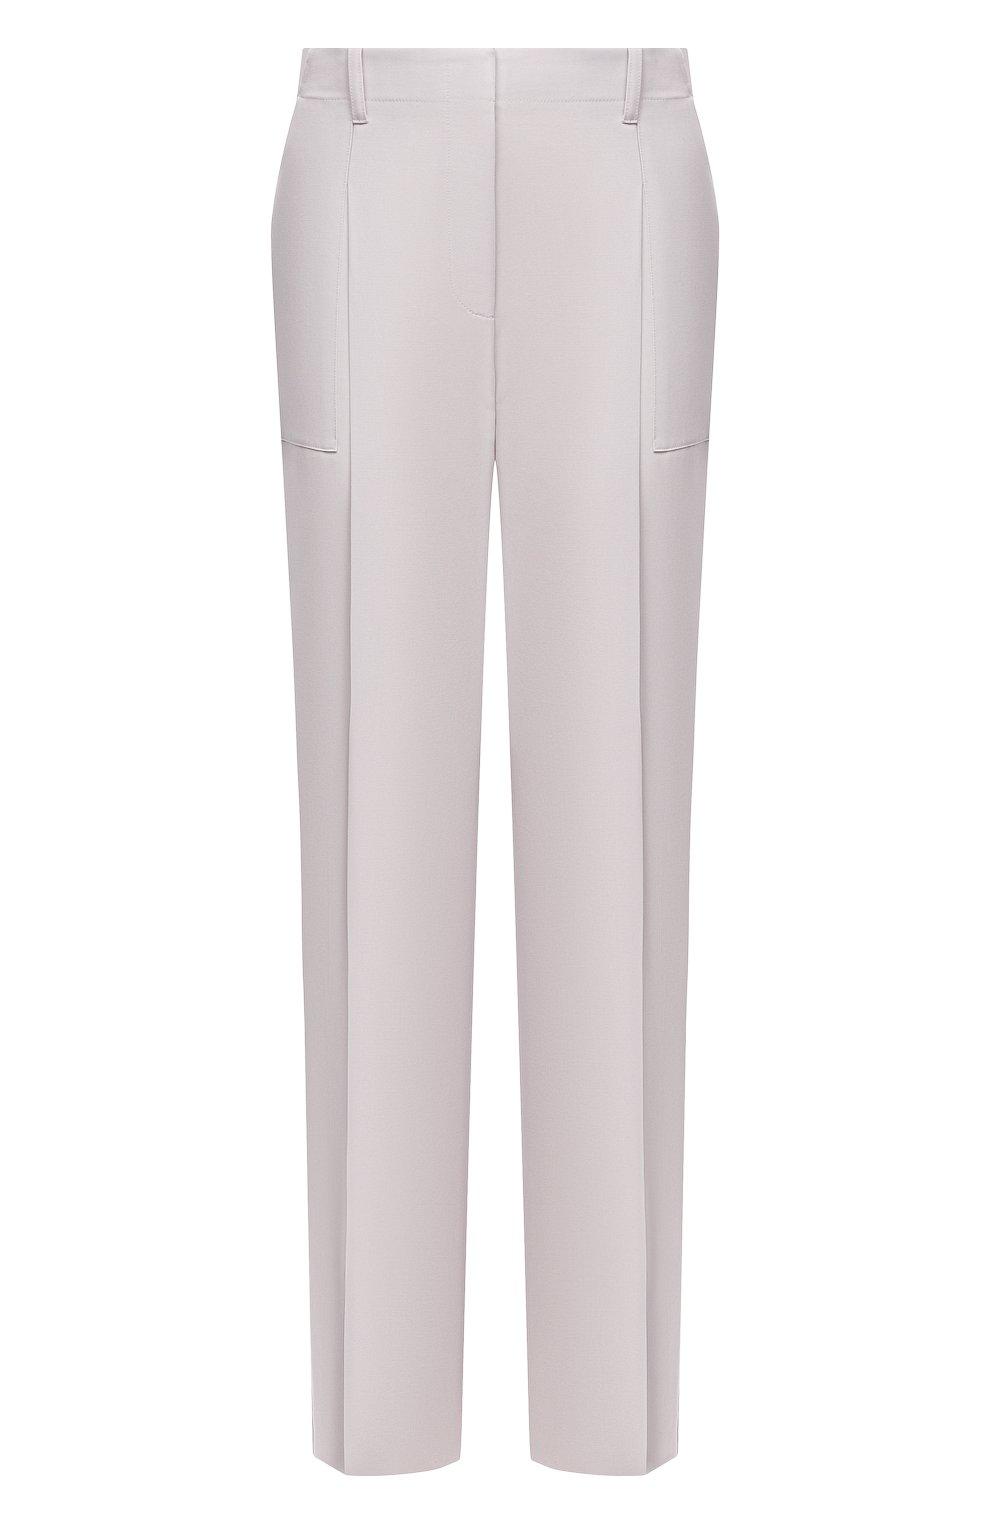 Женские шерстяные брюки STELLA MCCARTNEY светло-серого цвета, арт. 602439/SPA28 | Фото 1 (Длина (брюки, джинсы): Удлиненные; Материал внешний: Шерсть; Женское Кросс-КТ: Брюки-одежда; Силуэт Ж (брюки и джинсы): Прямые; Стили: Кэжуэл)